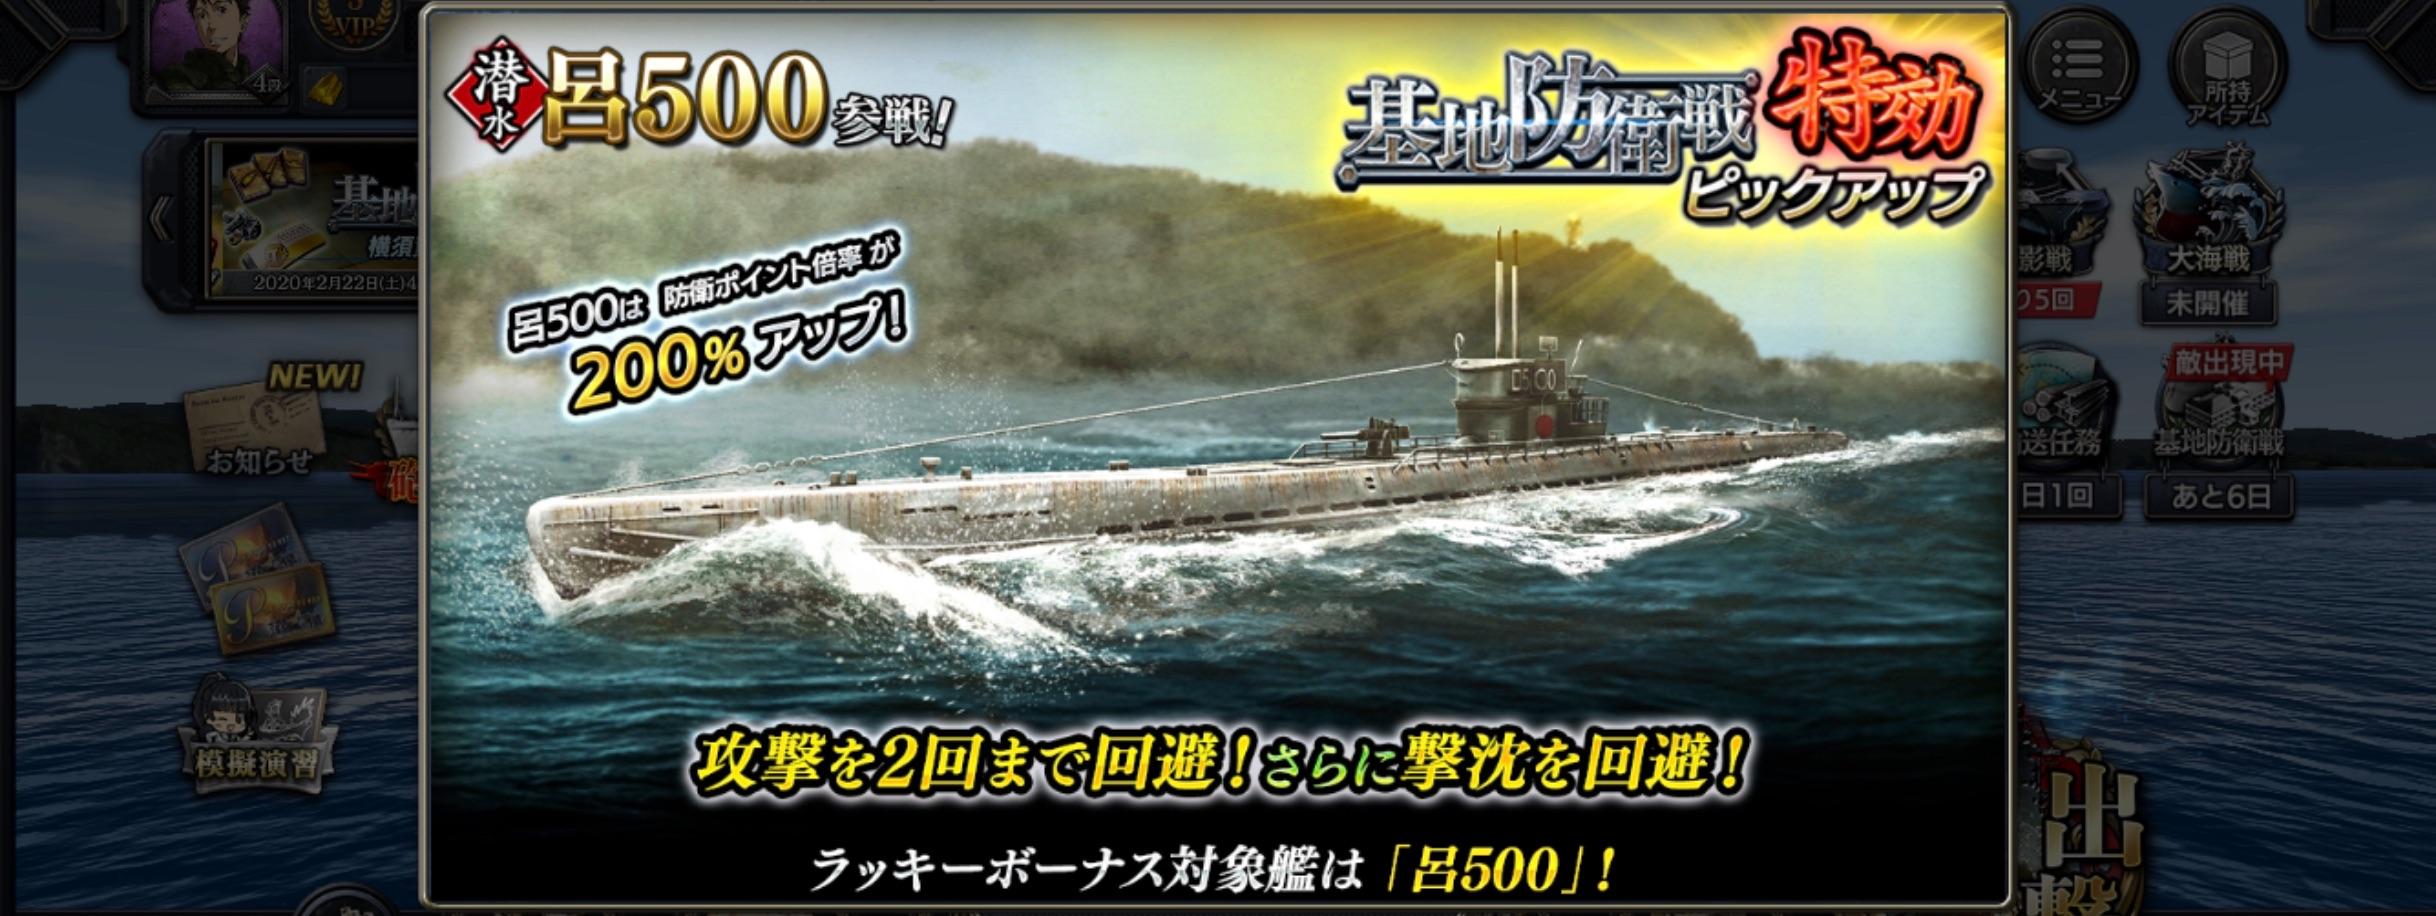 submarine-ro500